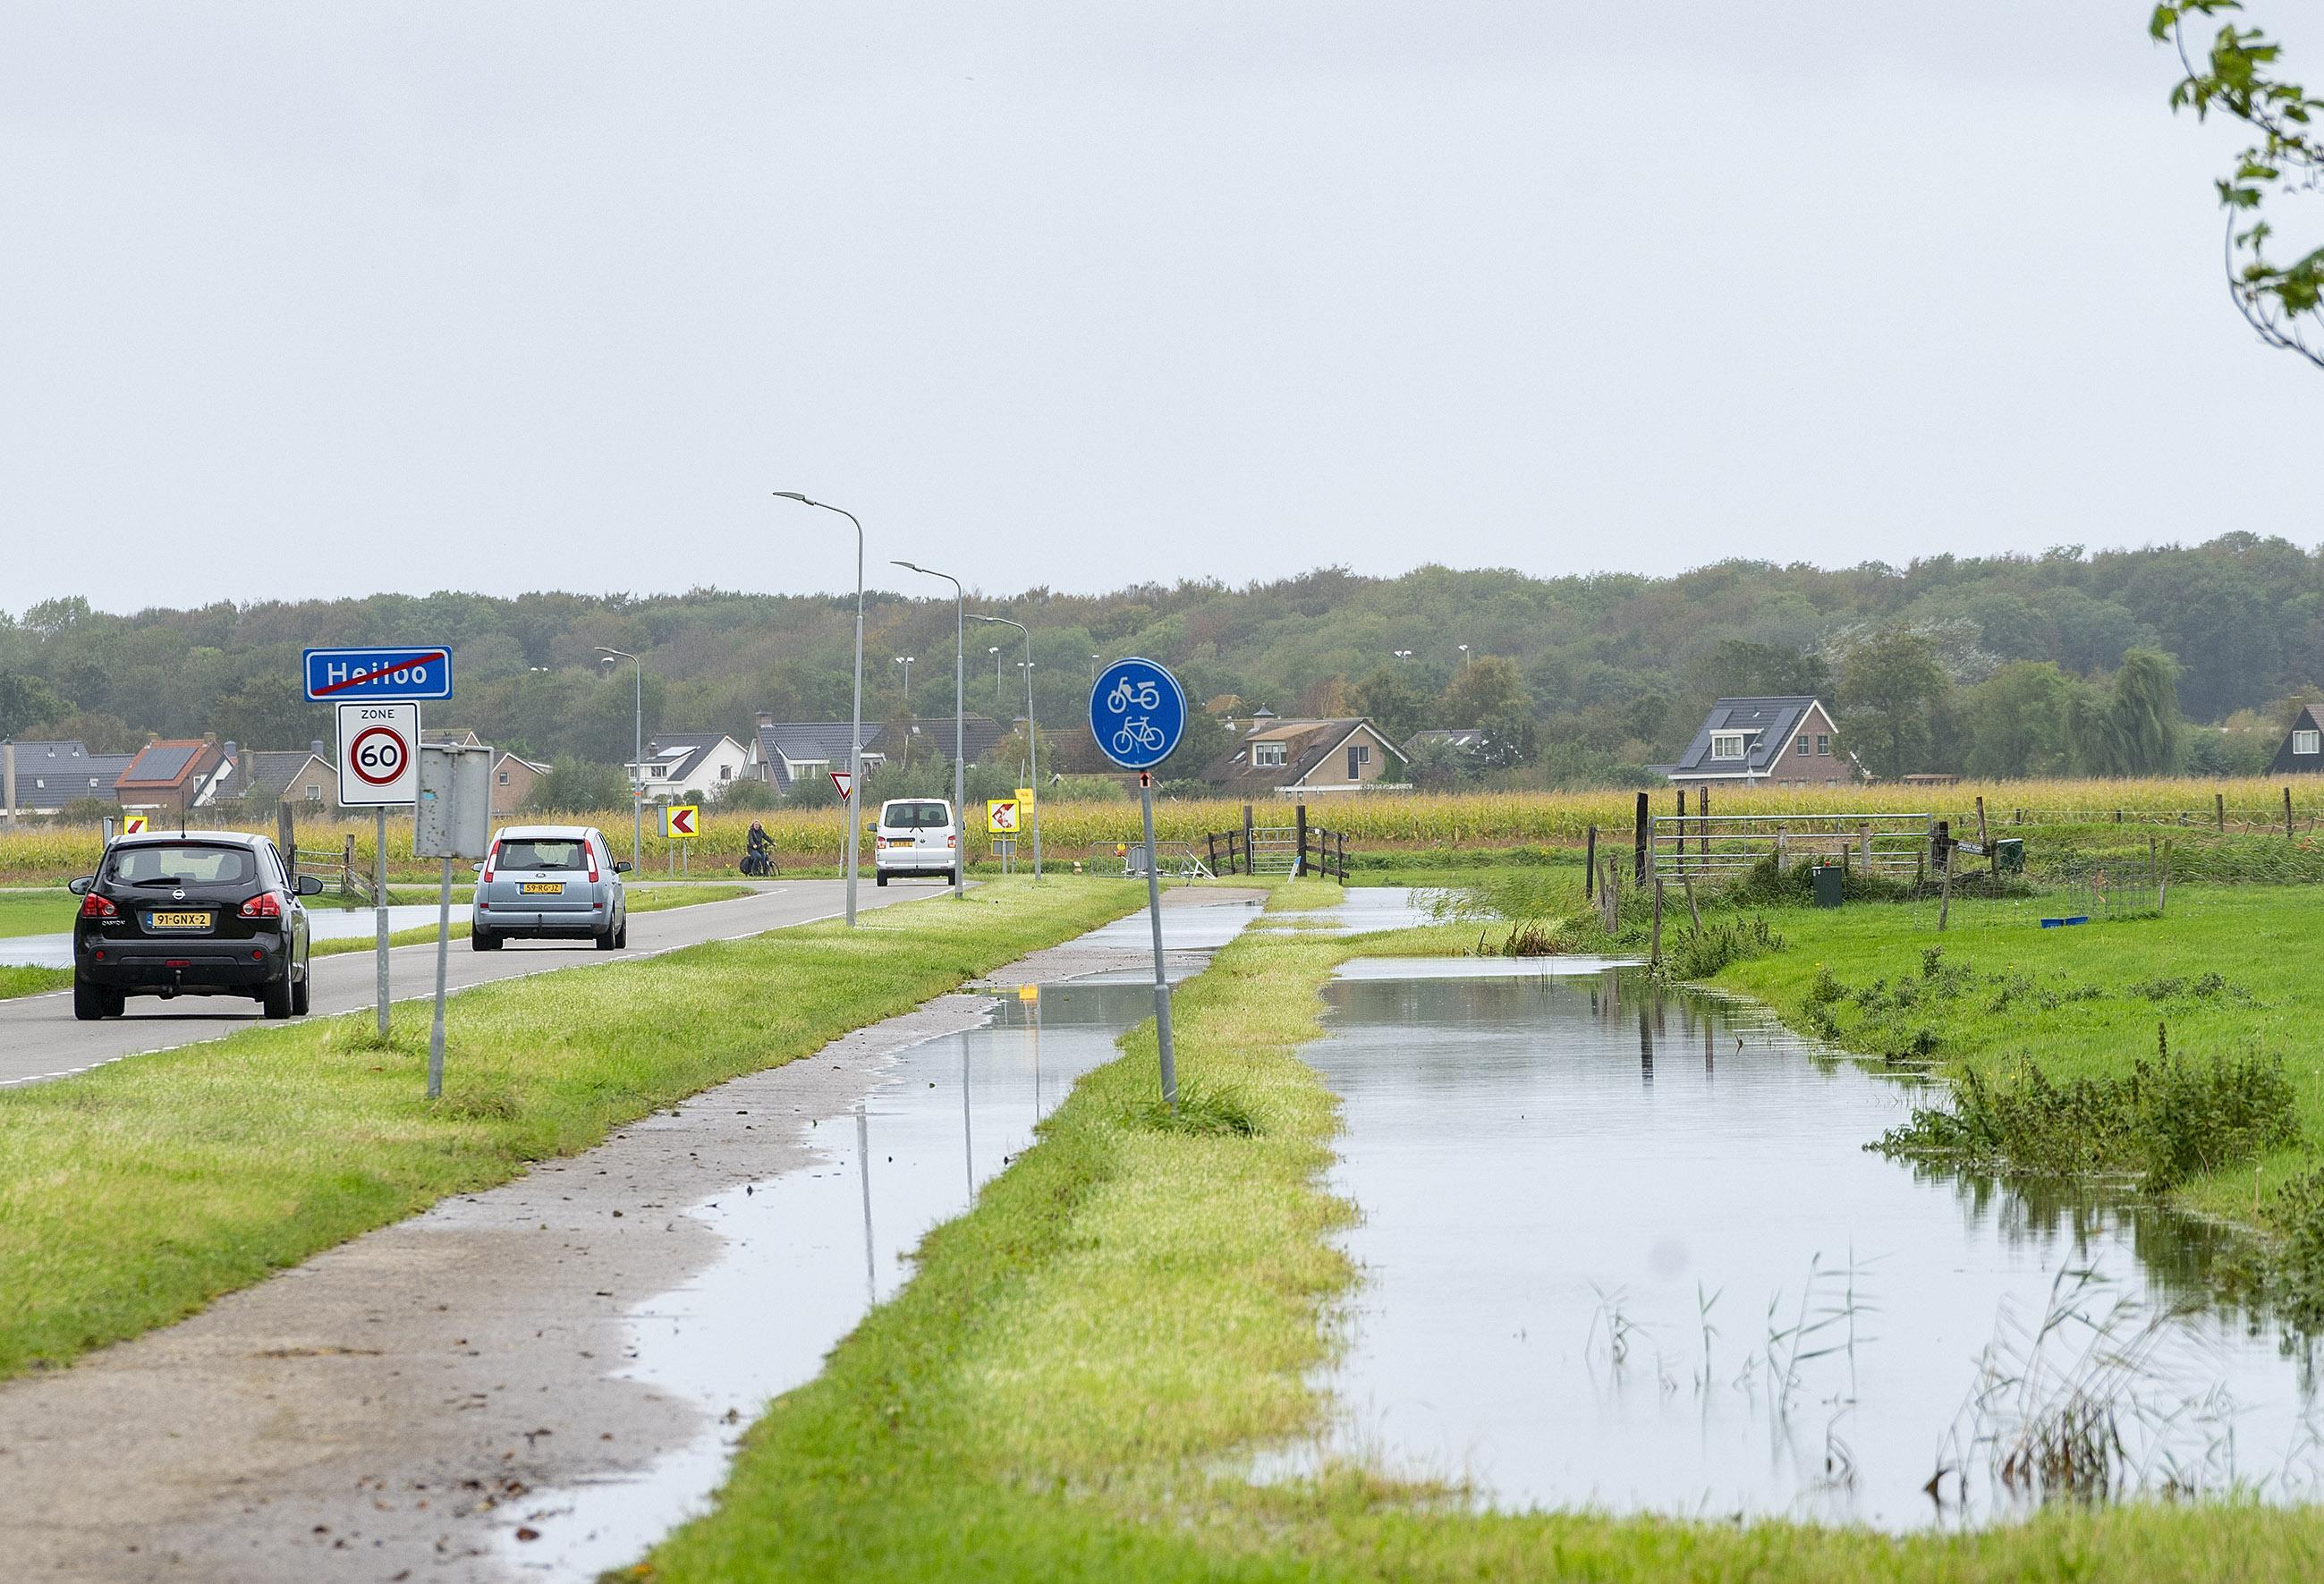 Alarmfase 1 bij waterschap in Noord-Holland door extreme regenbuien en toename wateroverlast